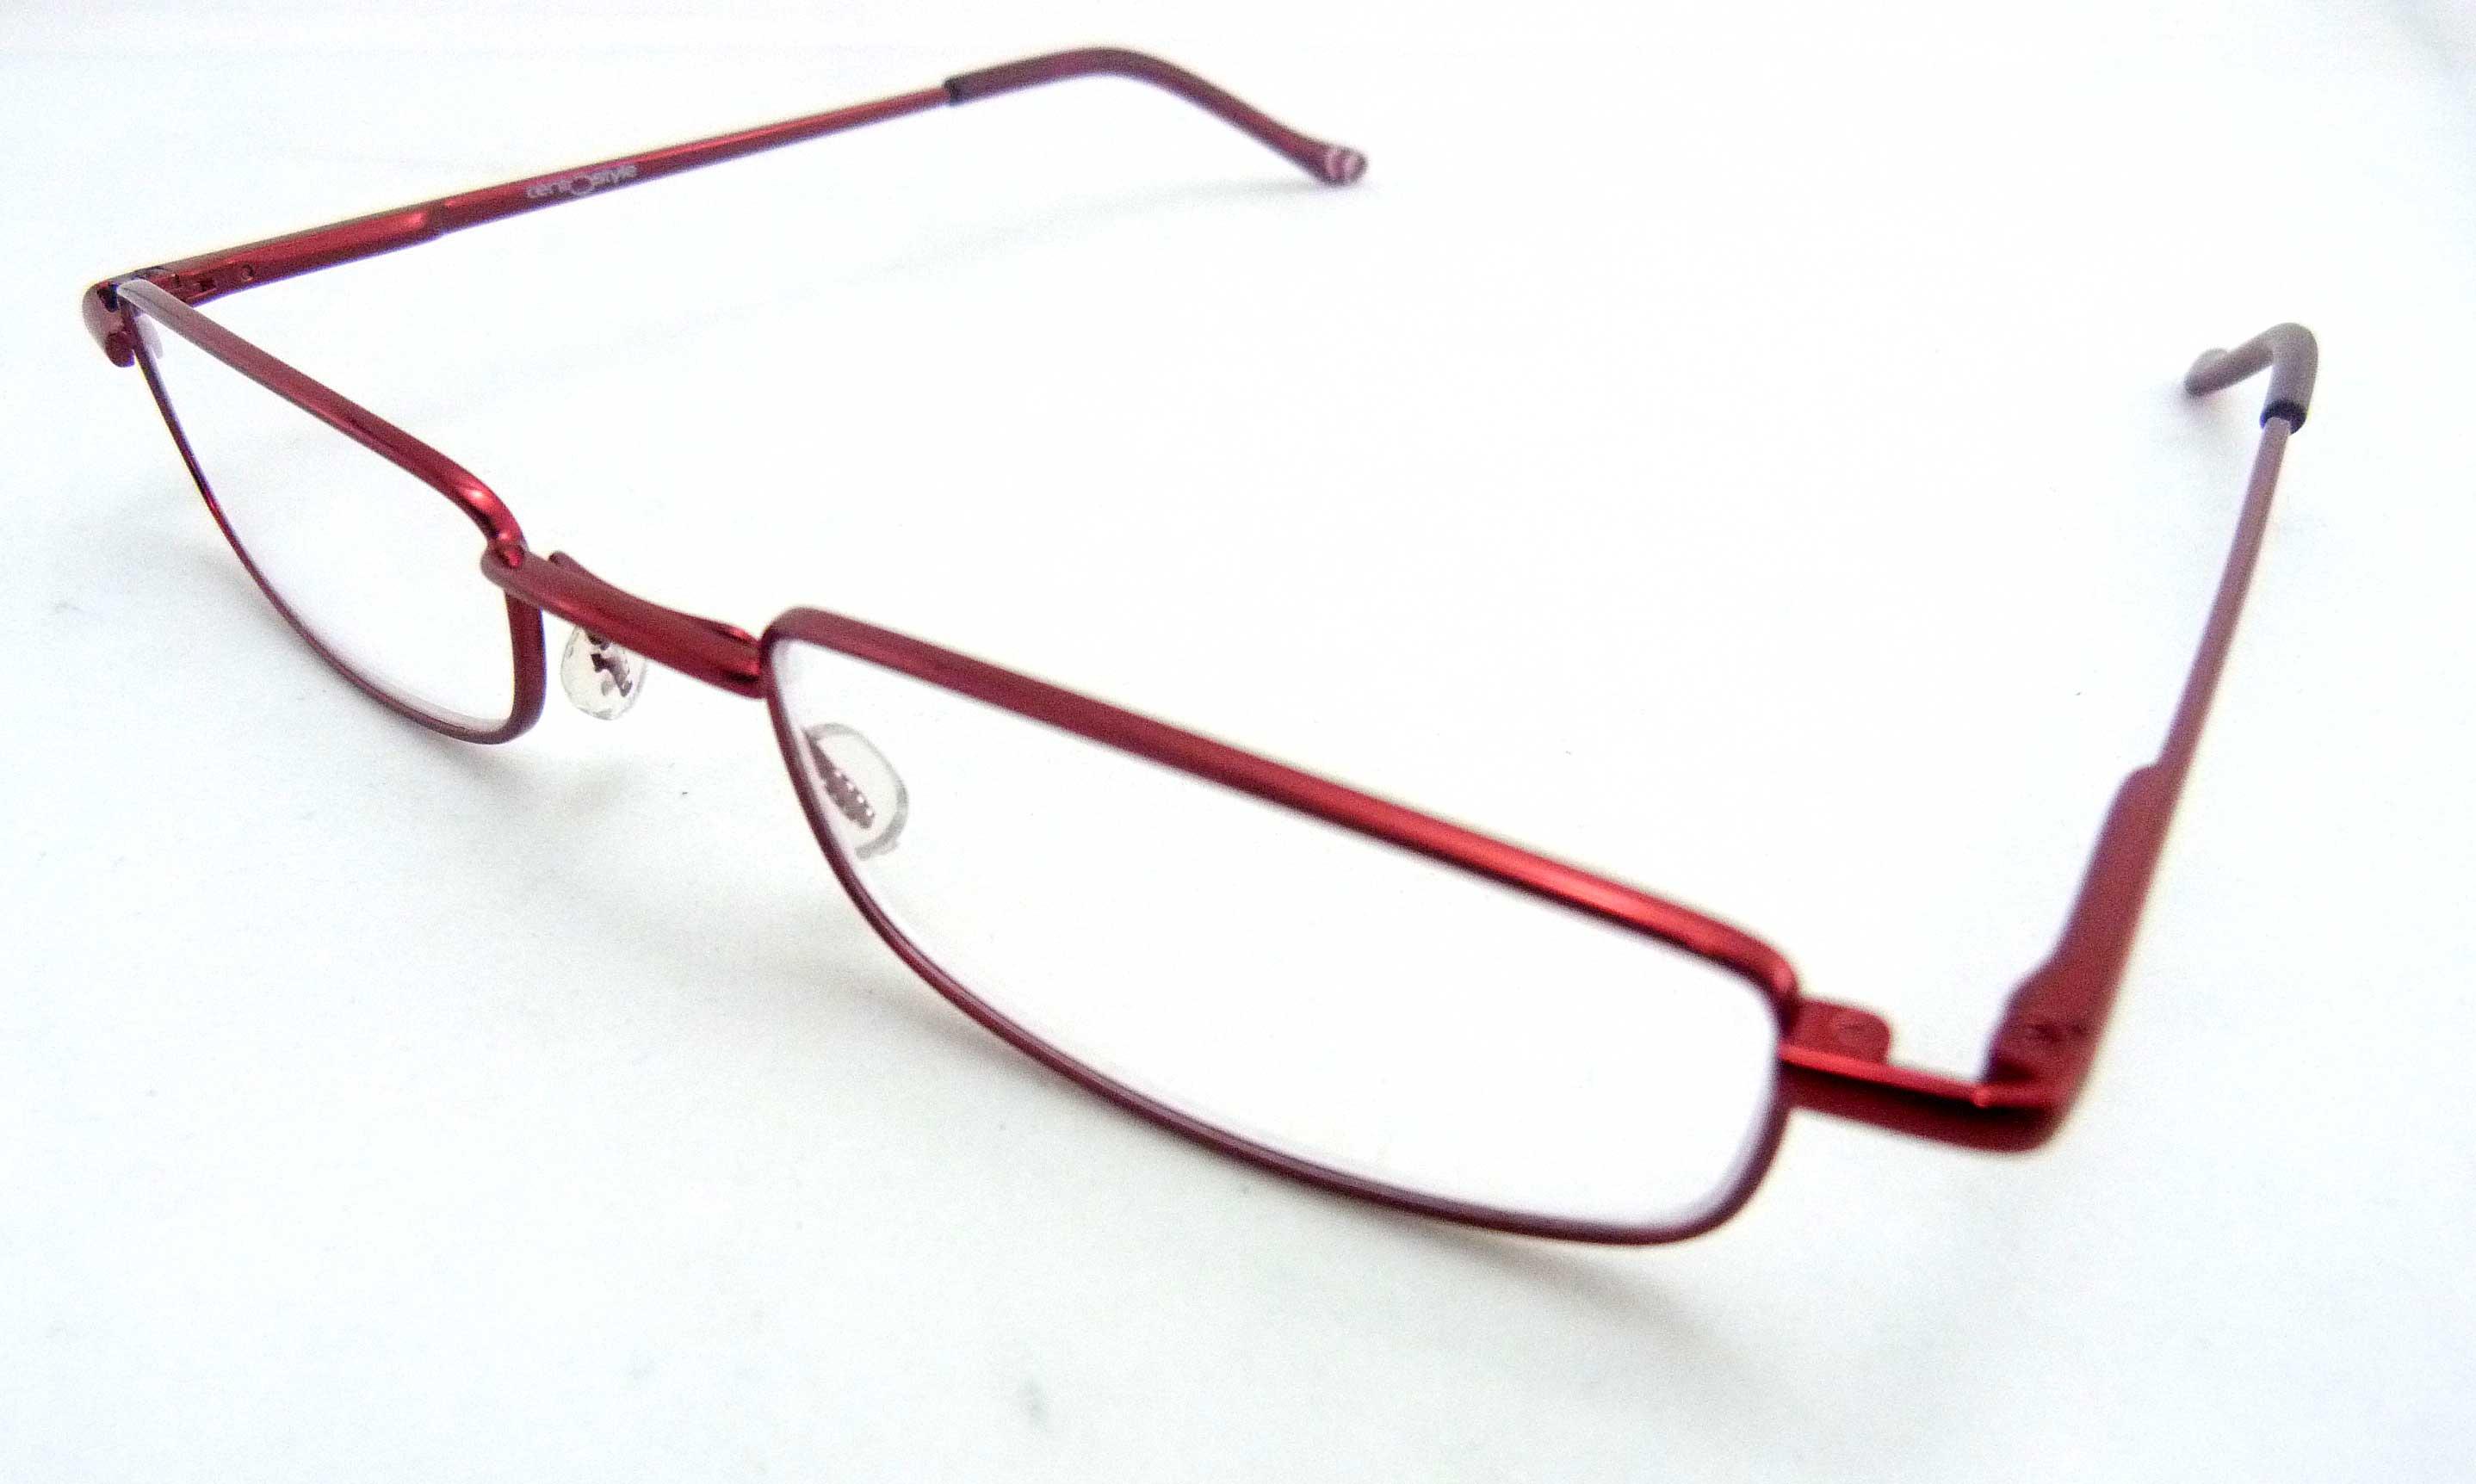 0263529 - Óculos Leitura Flex AT +3,50 Vermelho Mod 63529 FLAG 9  -Contém 1 Peça